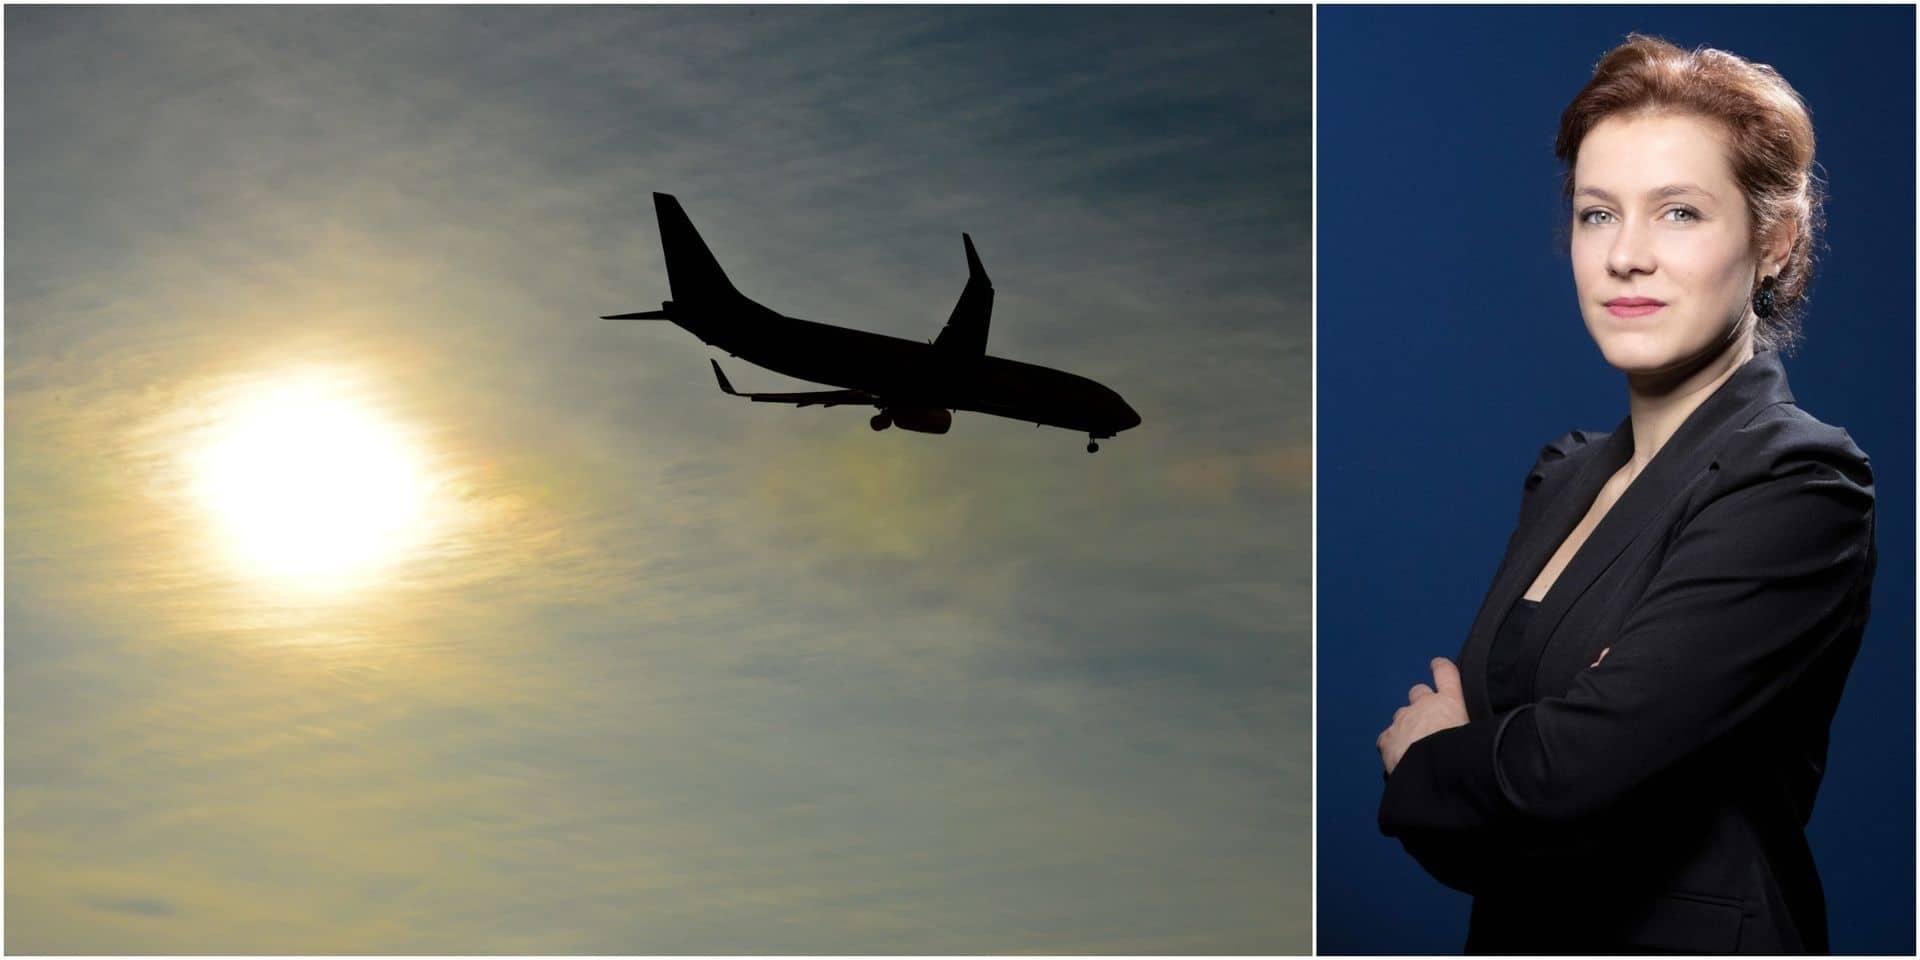 """""""L'aérien ne doit plus faire partie des rêves d'enfants aujourd'hui"""": une élue s'attire les foudres en France"""